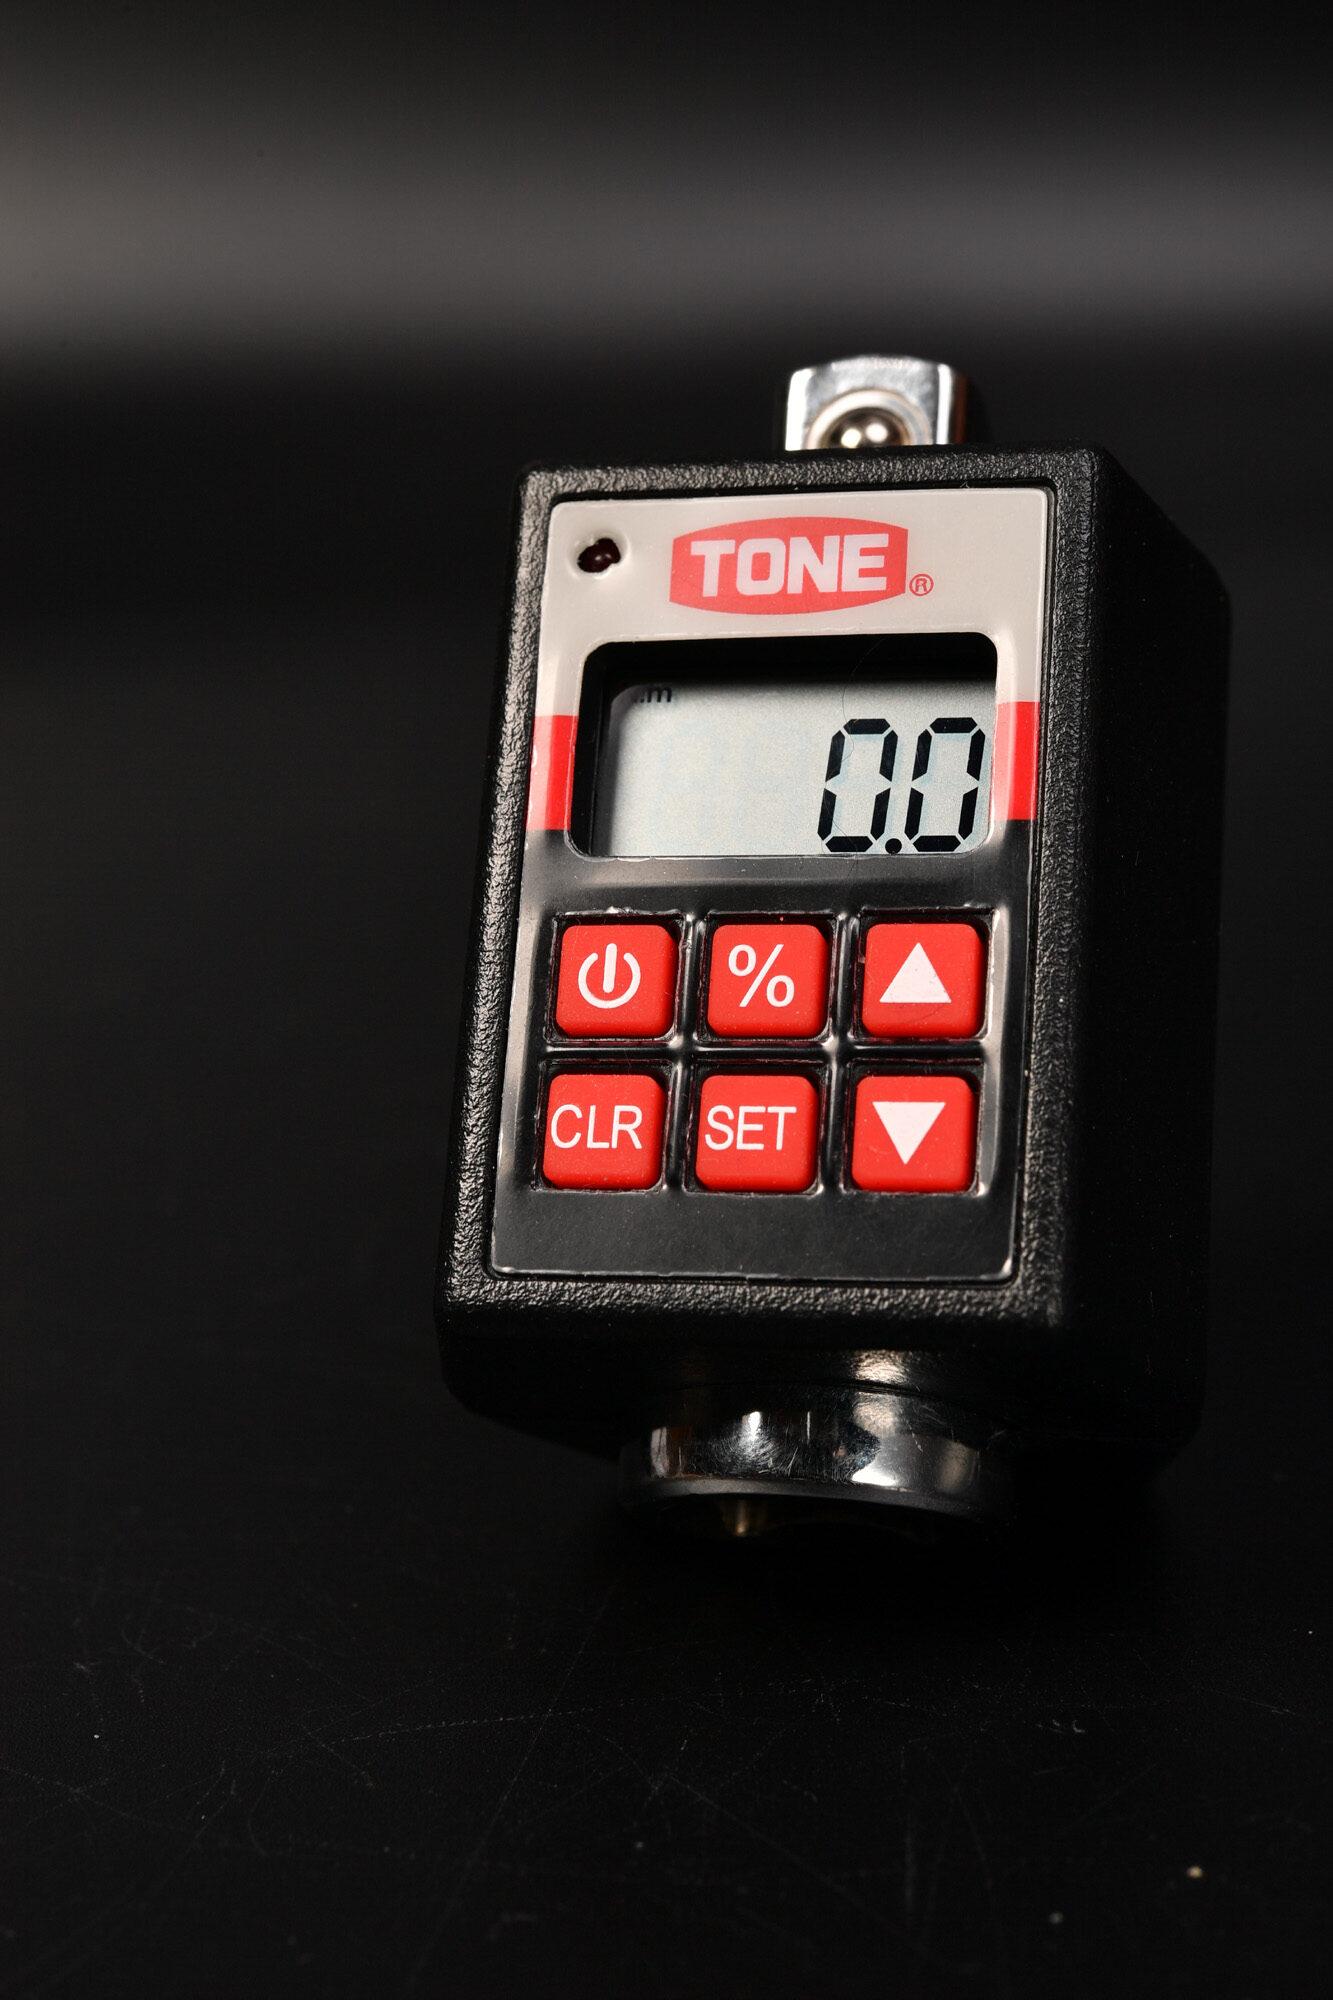 トネ(TONE) ハンディデジトルク H4DT200 東日の古いトルクレンチの値を検証kgf・cmとN・m